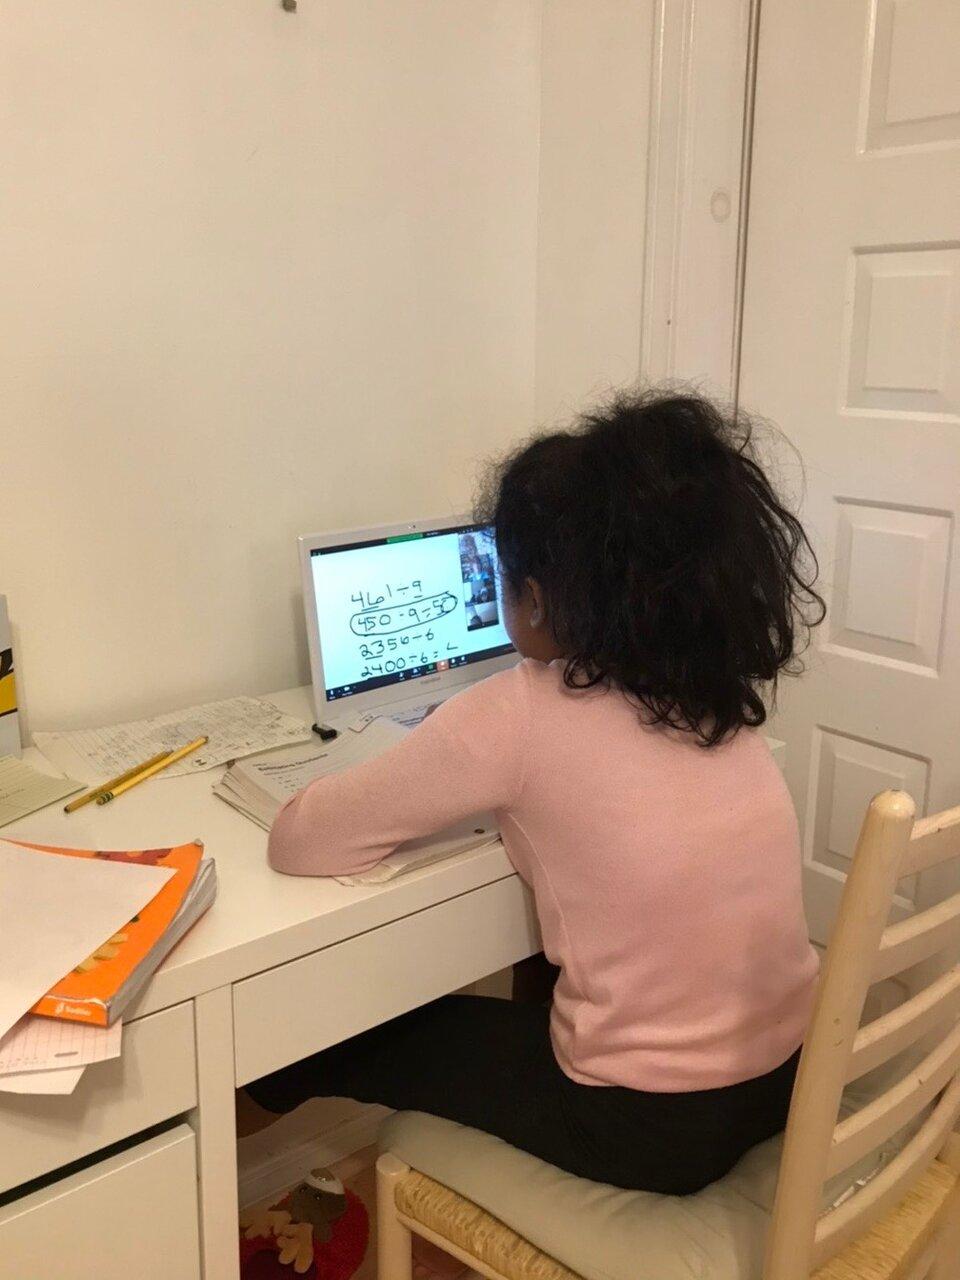 ボストン市内にある私立小学校4年生のオンライン授業風景。写真提供/Mio J